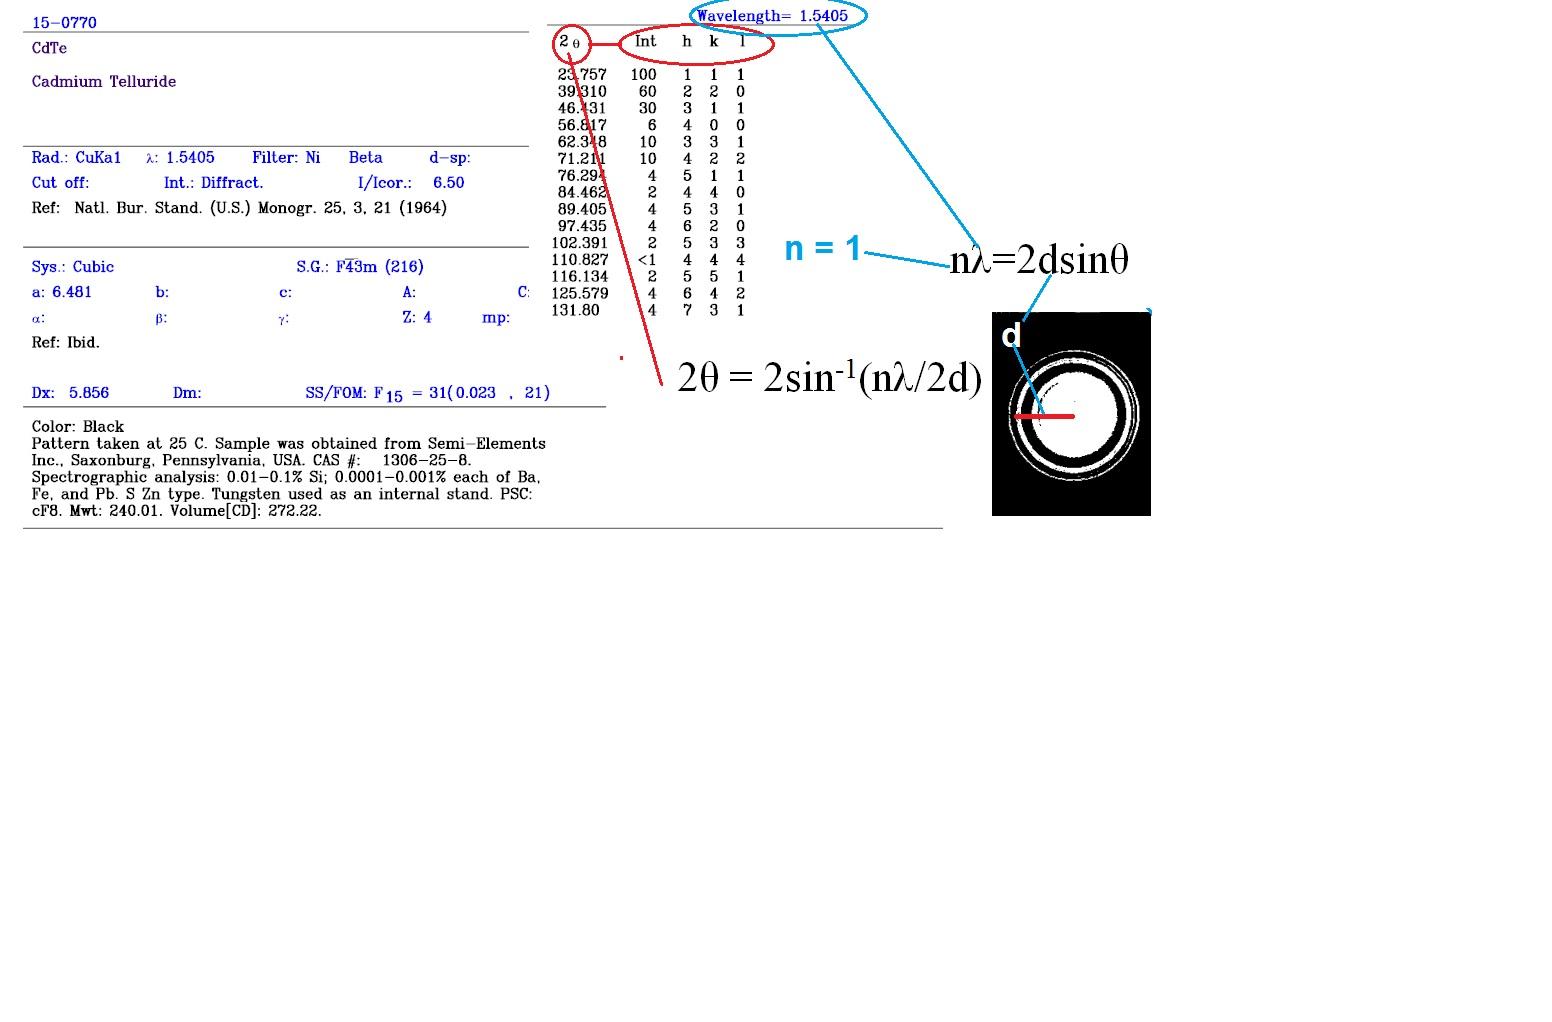 How can we find Miller index in HRTEM image?